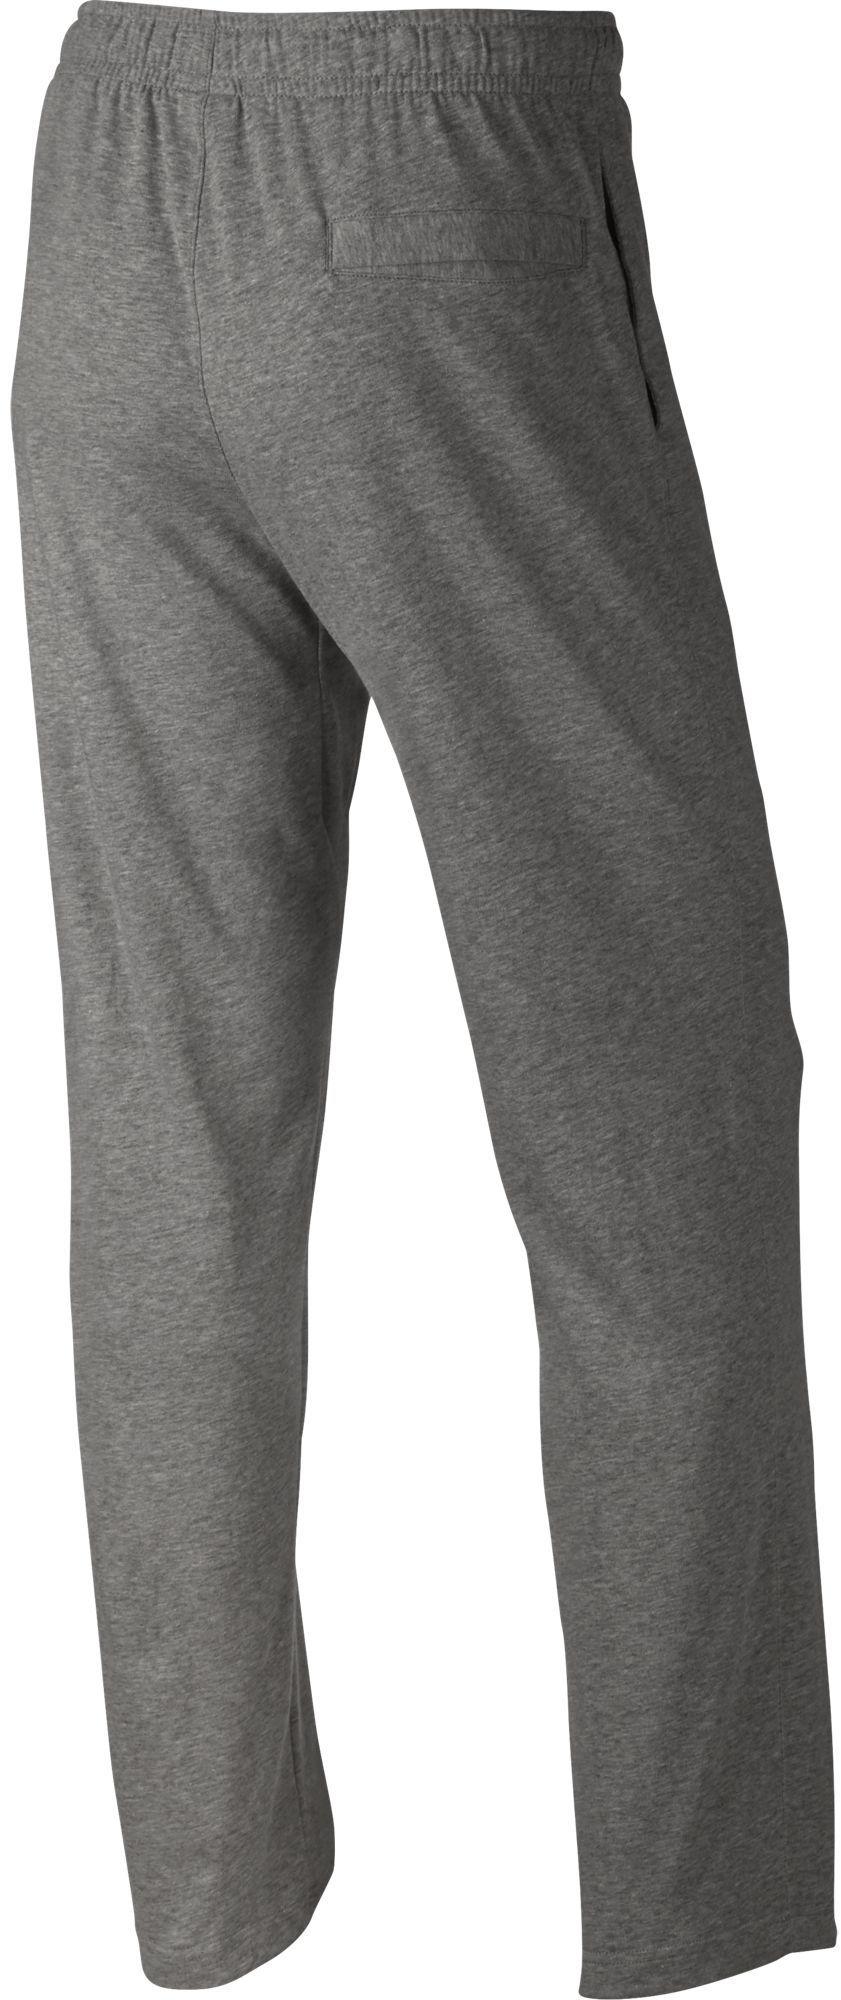 475af87bf50 Nike NSW PANT OH JSY CLUB. Pánské tepláky. Pánské tepláky